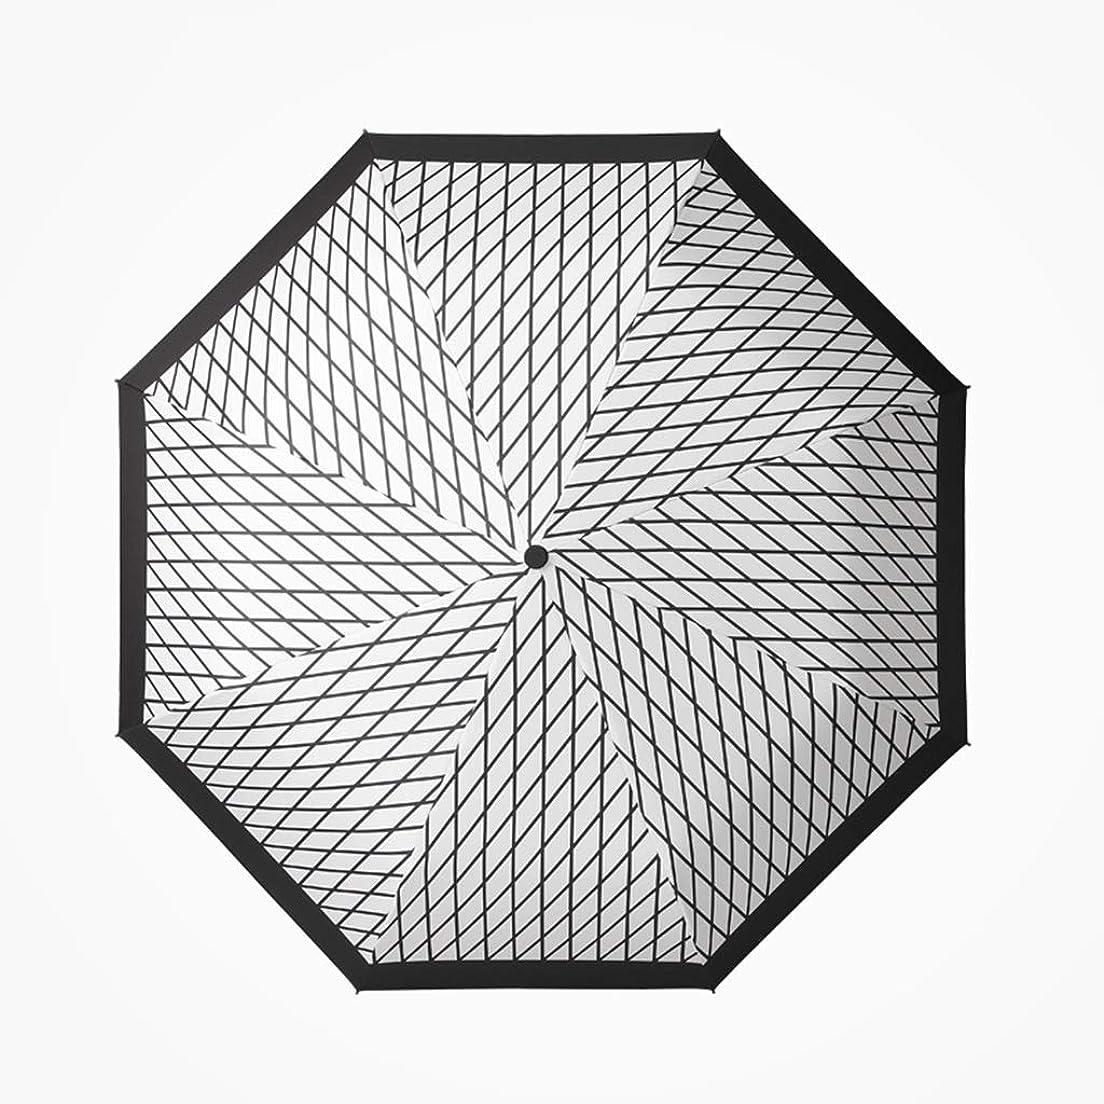 公使館バリーリラックス日傘の日焼け止めUV折りたたみ傘コンパクト傘ポータブル傘 ZHYGDQ (Color : Black, Size : 98×60cm)